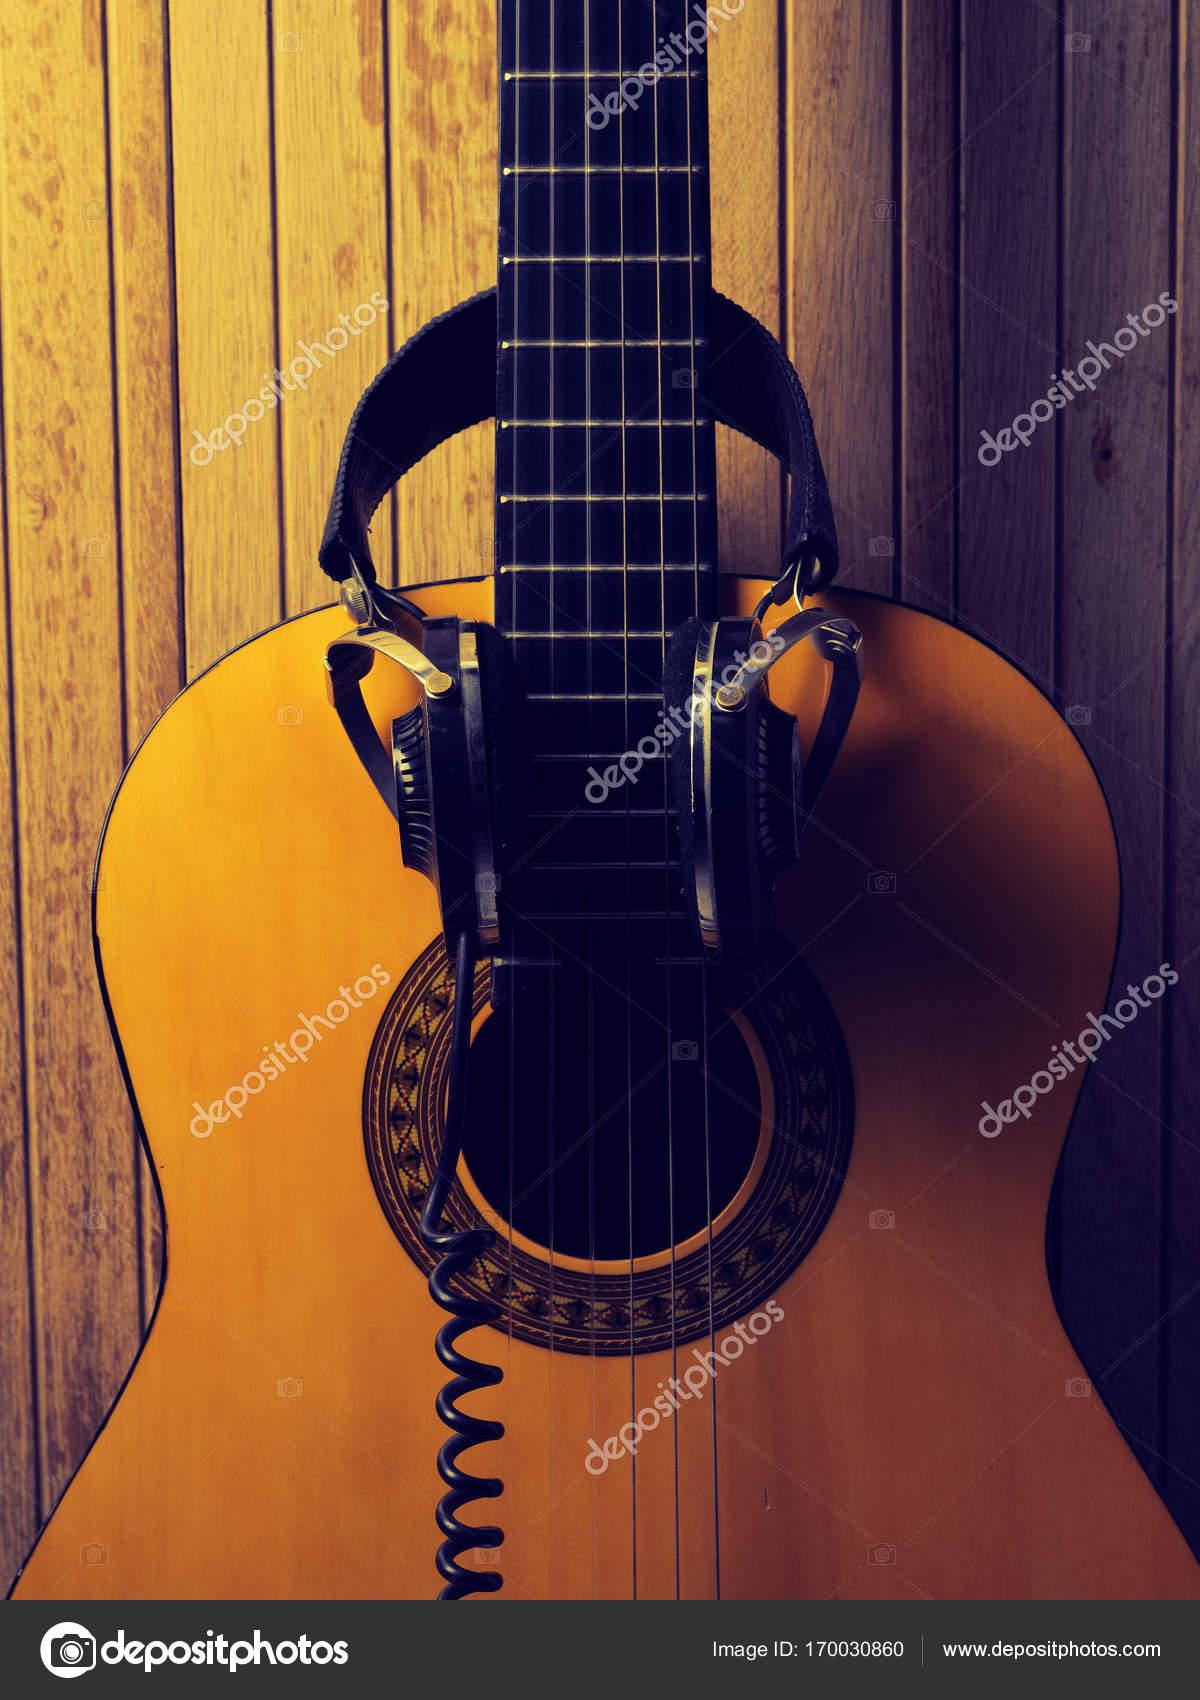 guitare acoustique avec casque